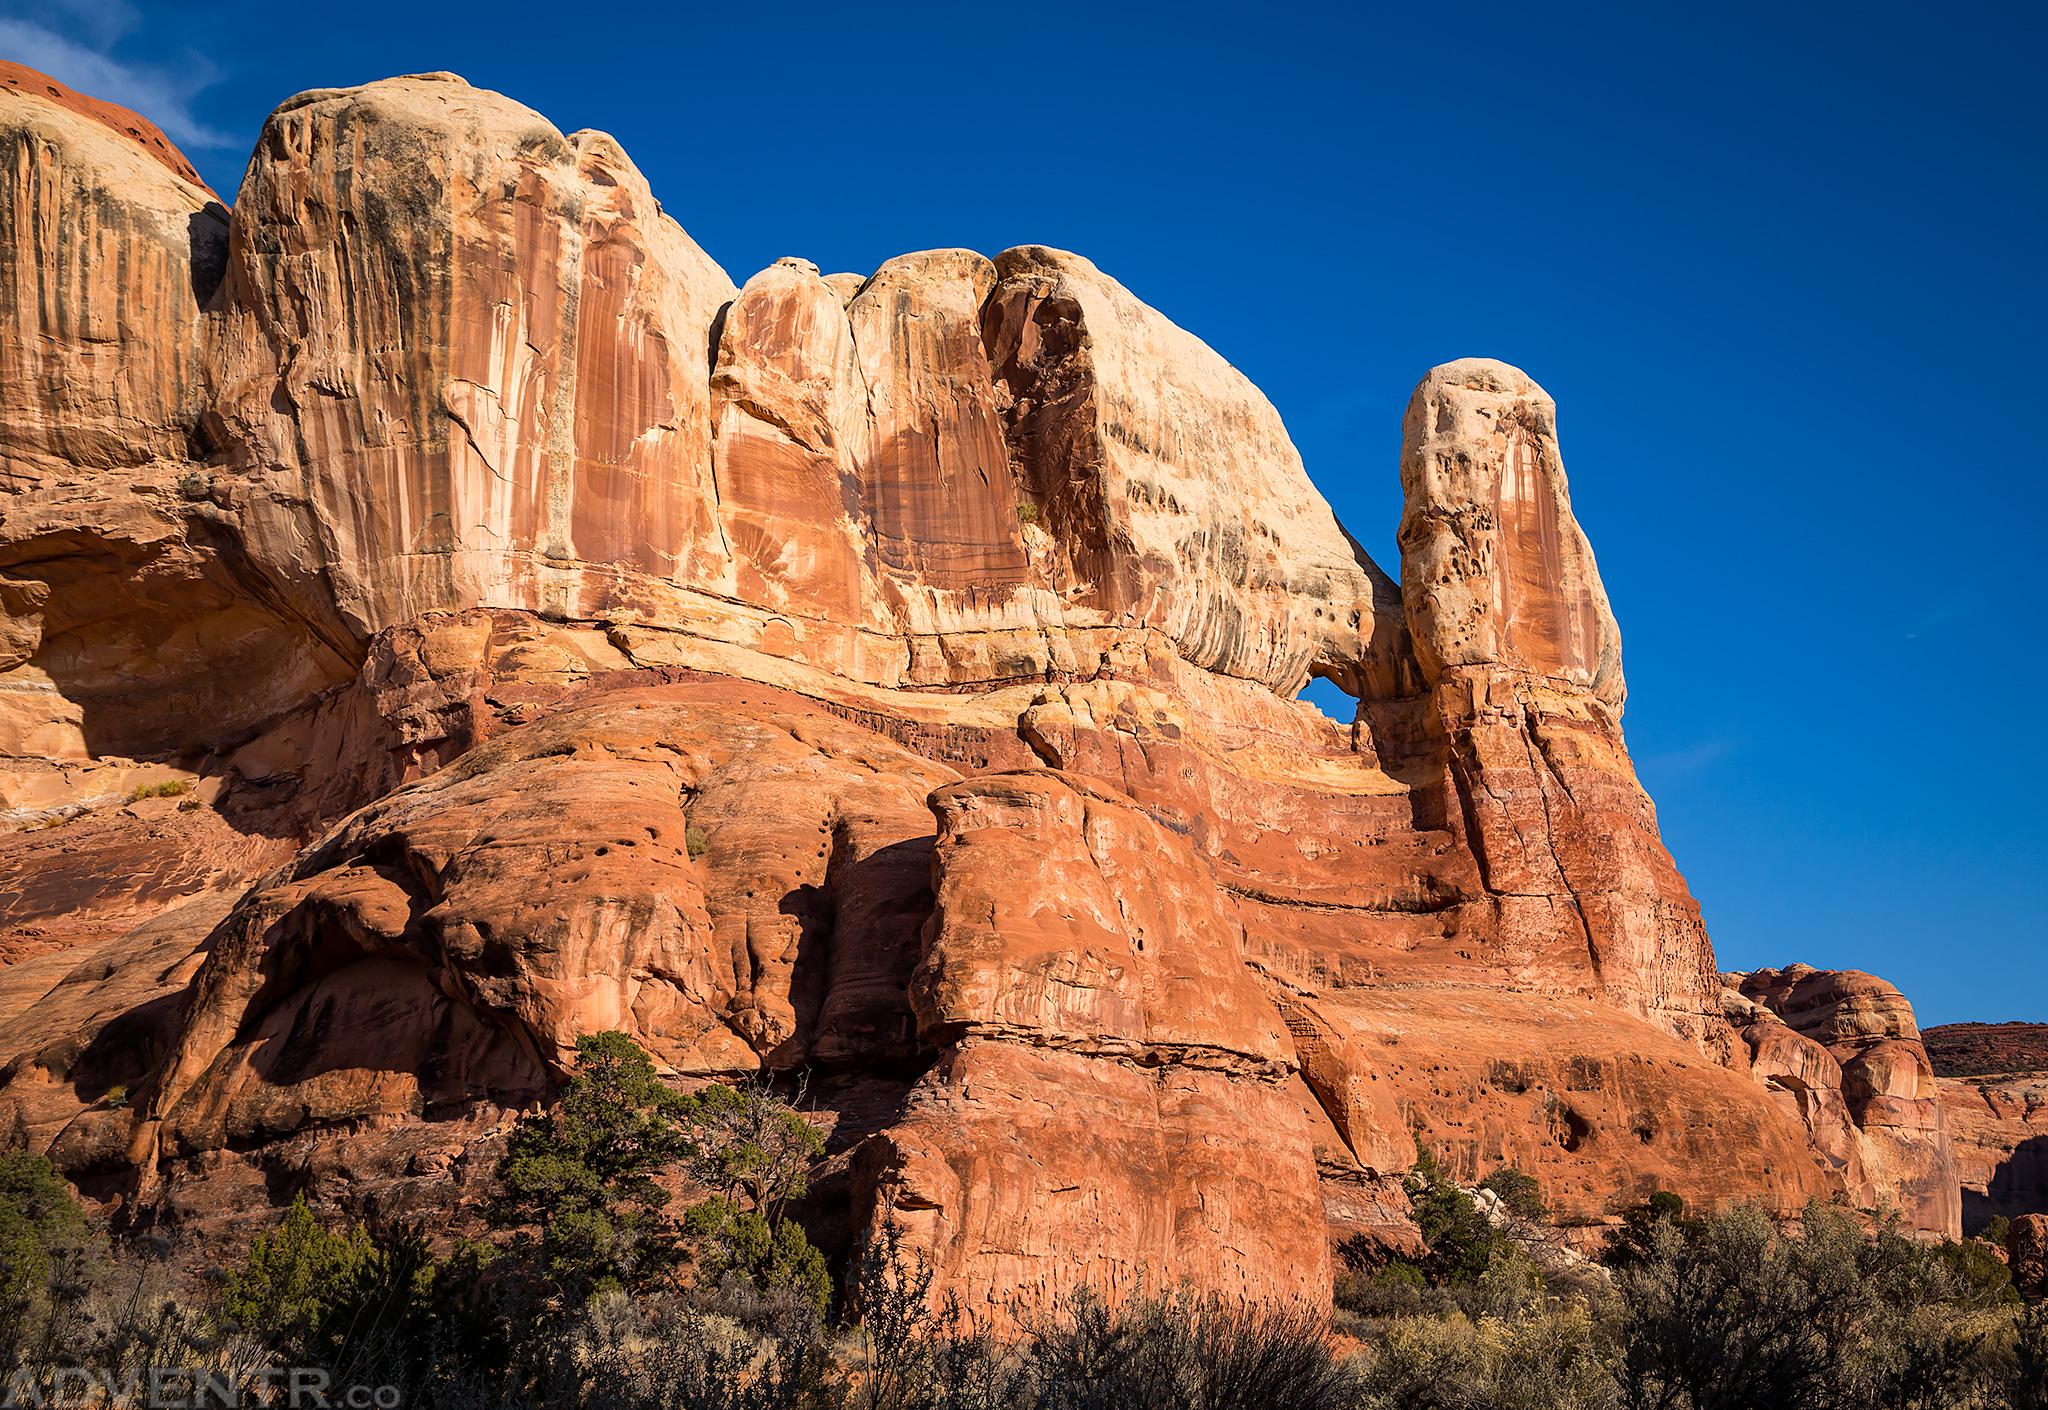 Trail Canyon Arch